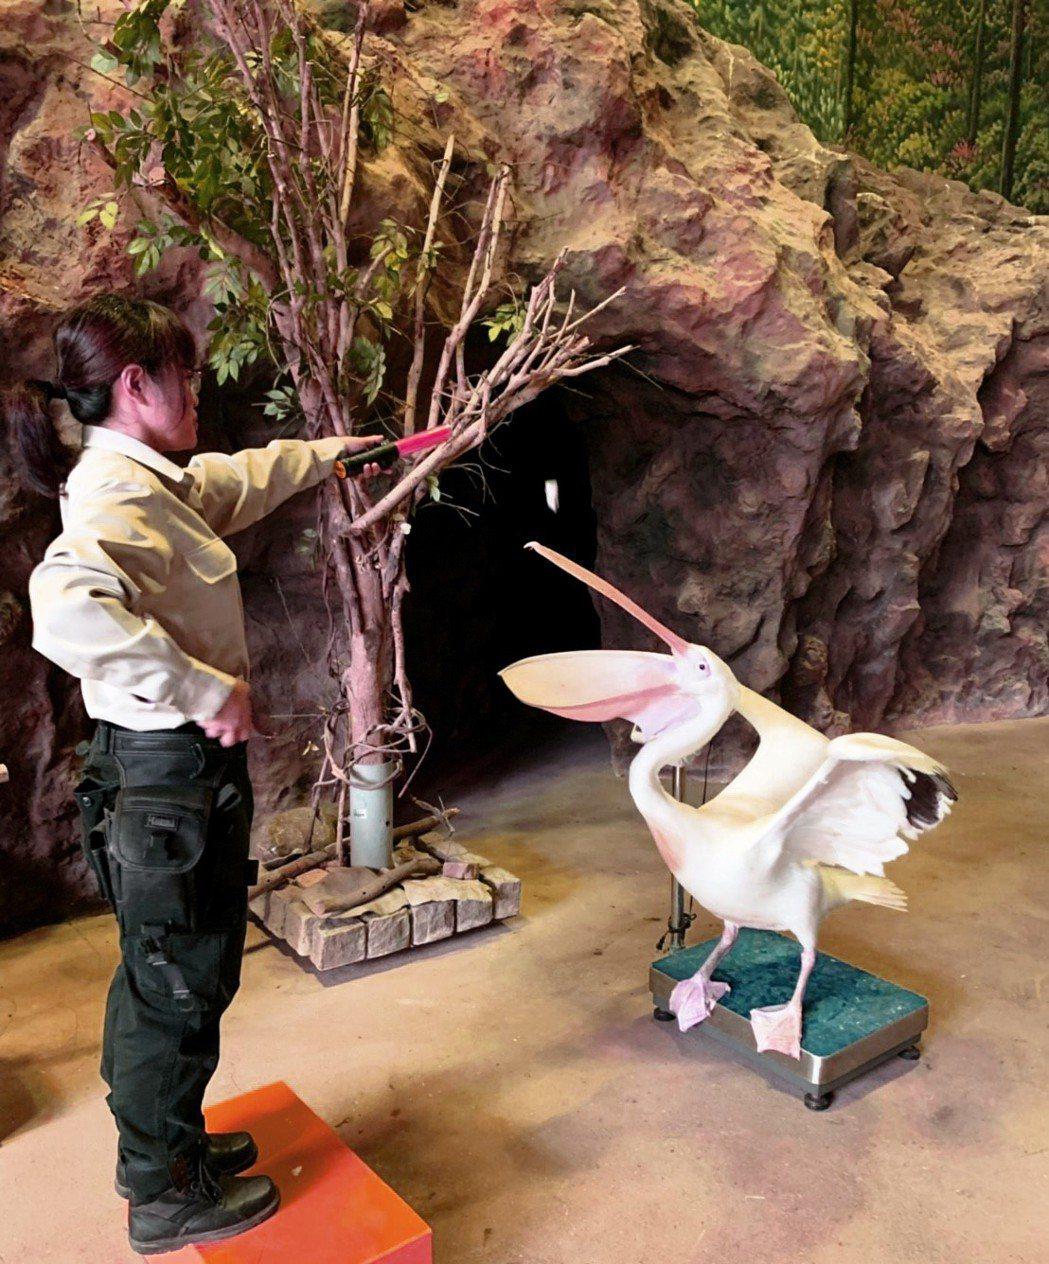 六福村及關西六福莊,聯合推出全新「鳥飛飛動物保育員」。六福旅遊集團/提供